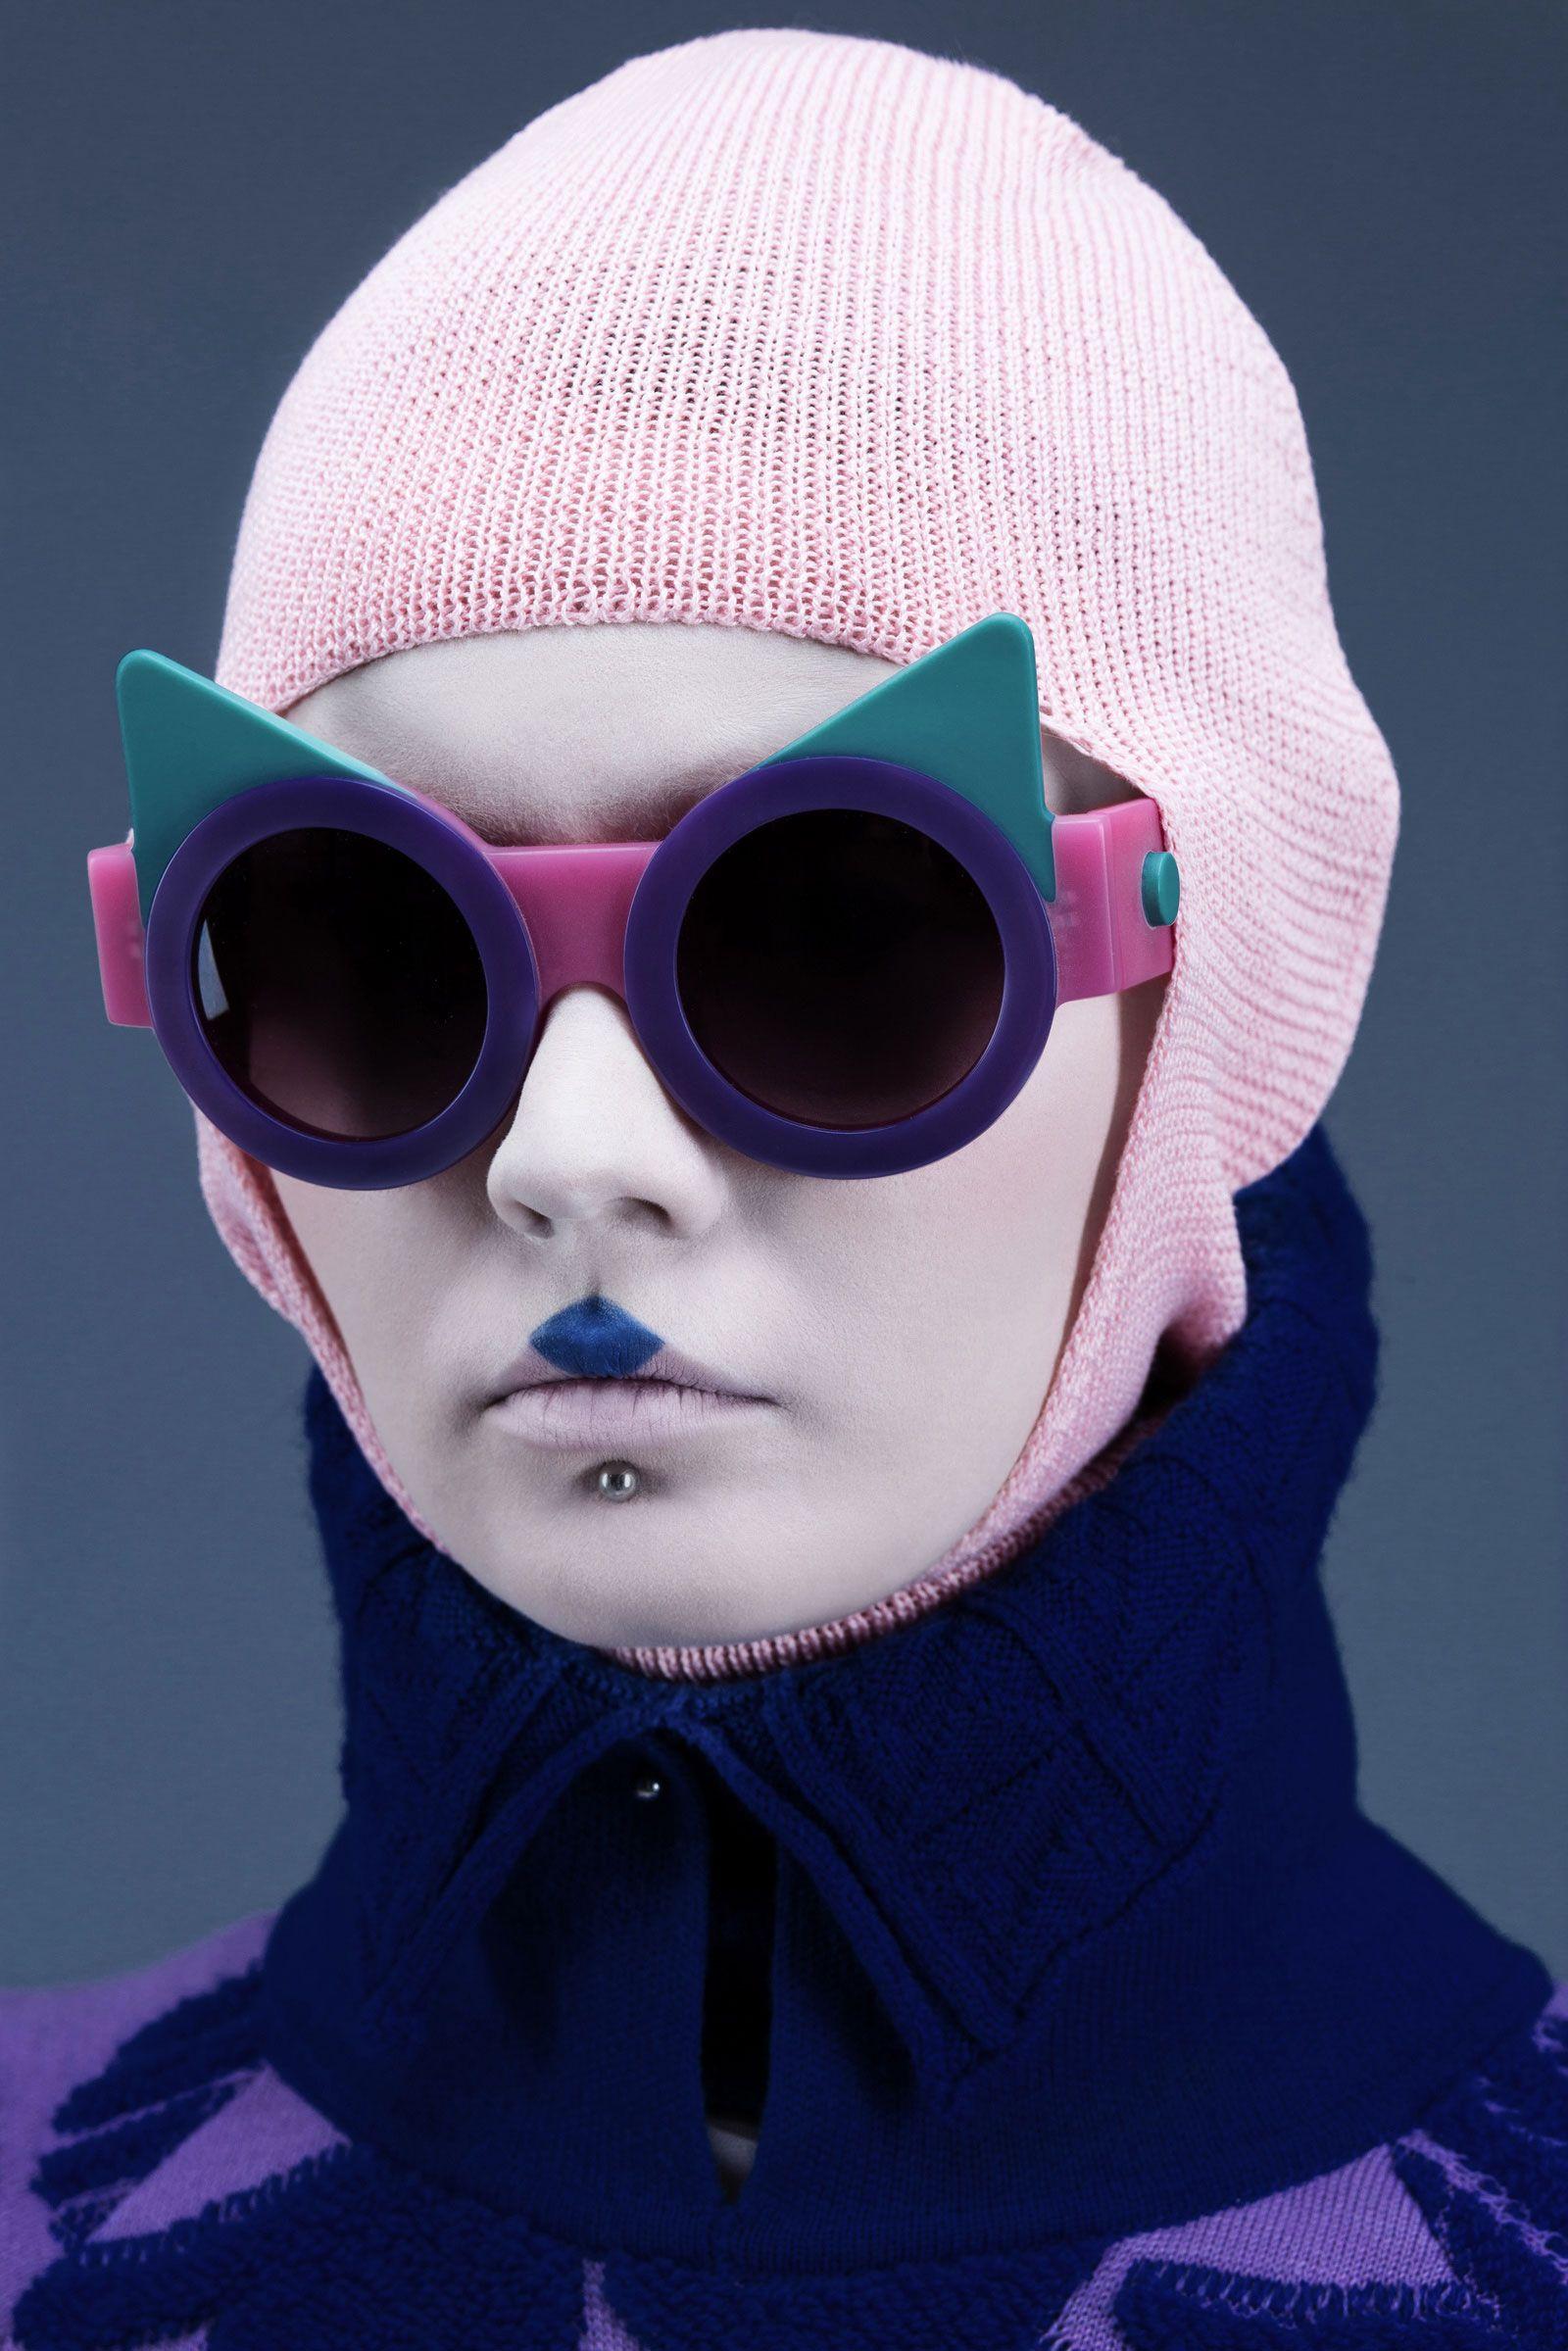 Clockwork Majesty by Turkina Faso | Lentes, Gafas y Gafas de sol